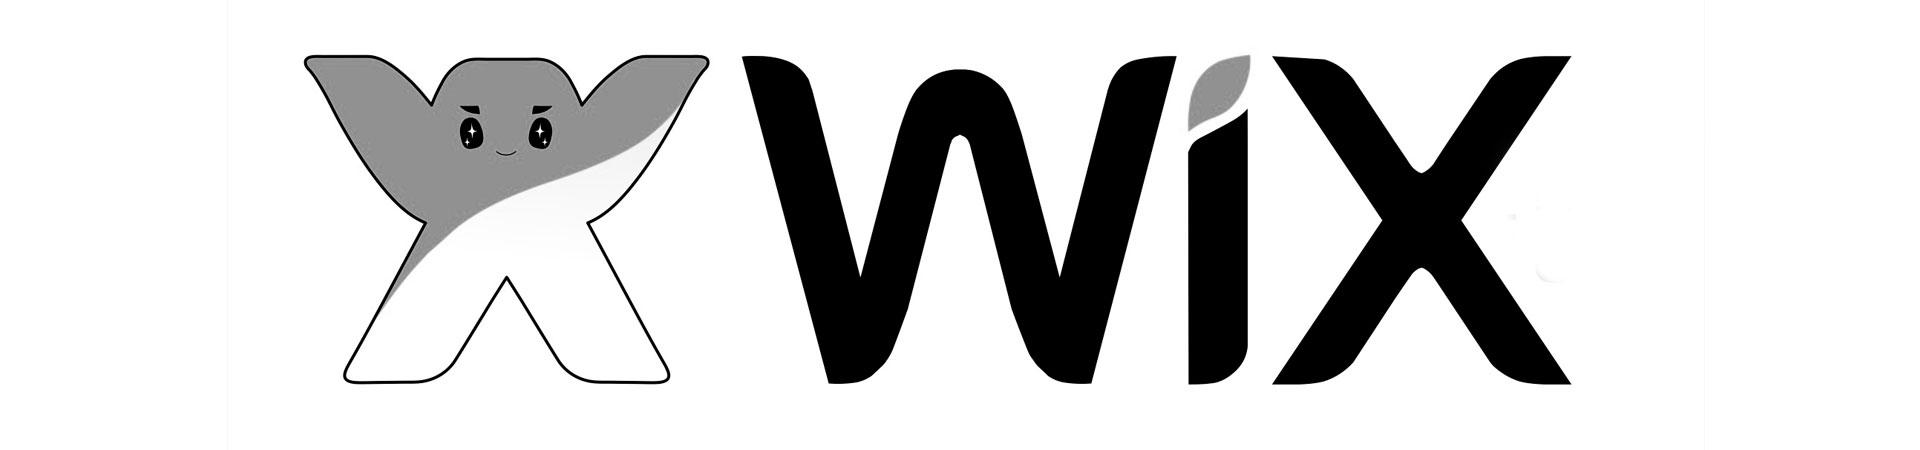 Google con problemas de indexación para sitios desarrollados en Wix